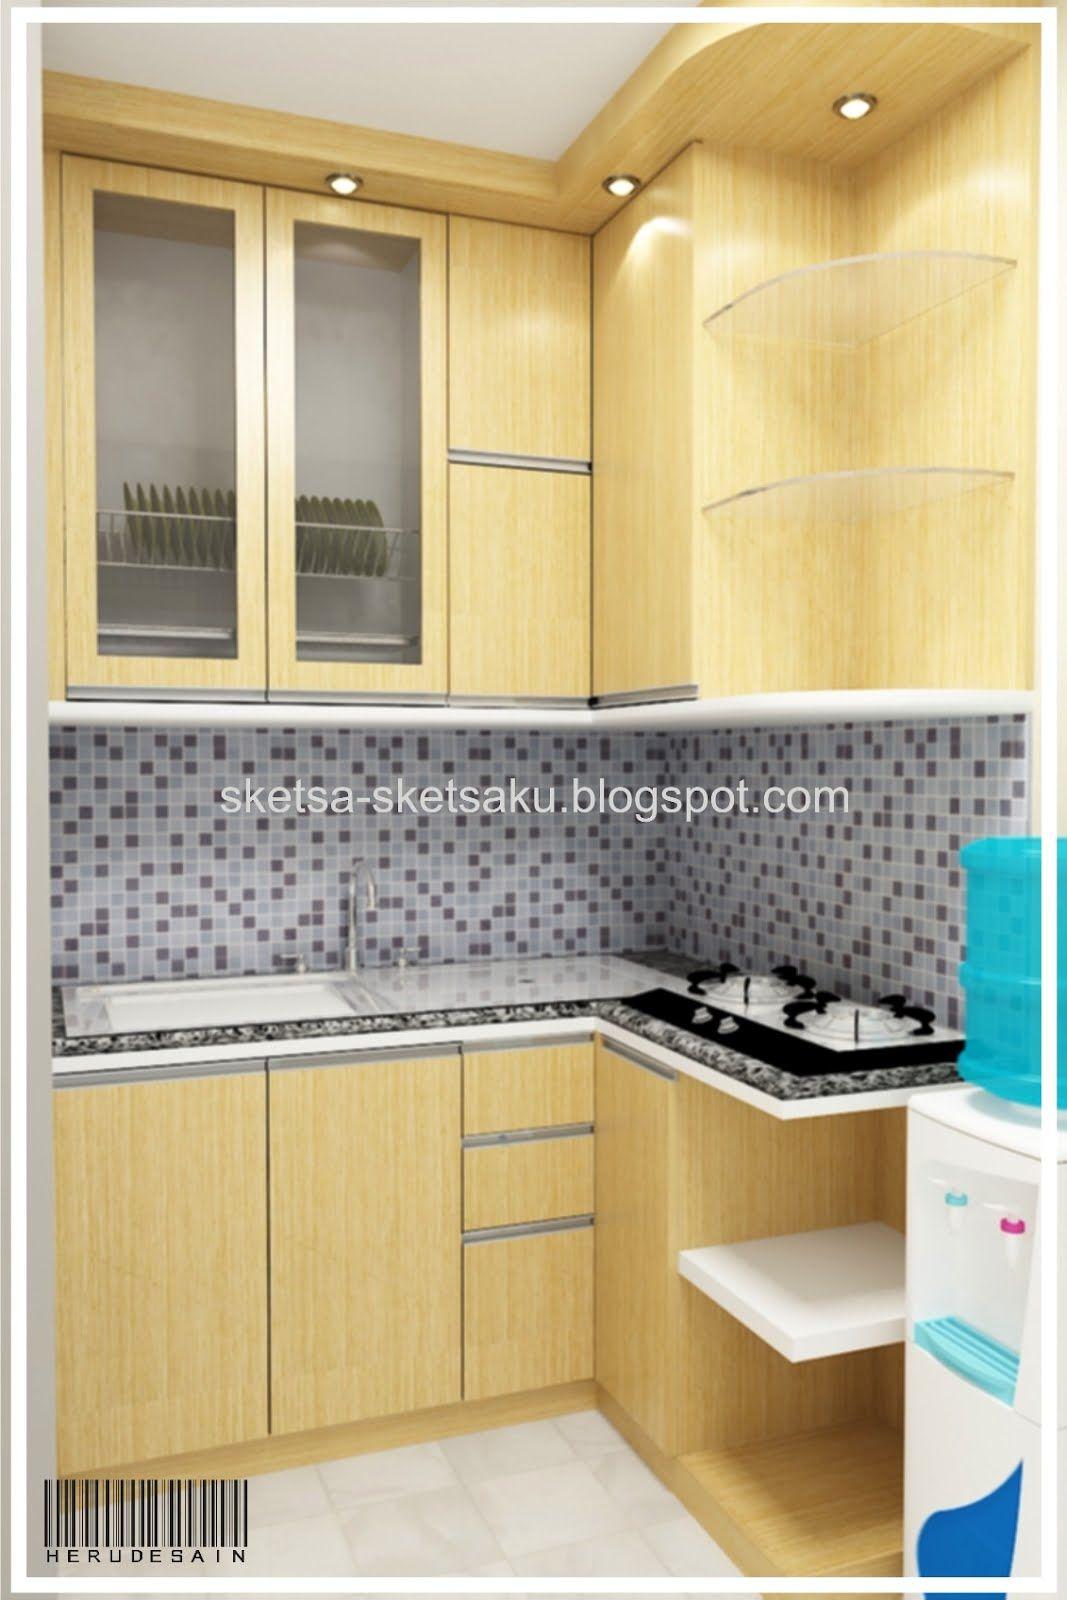 Arsitektur desain interior desain rumah jasa desain bangunan jasa desain interior